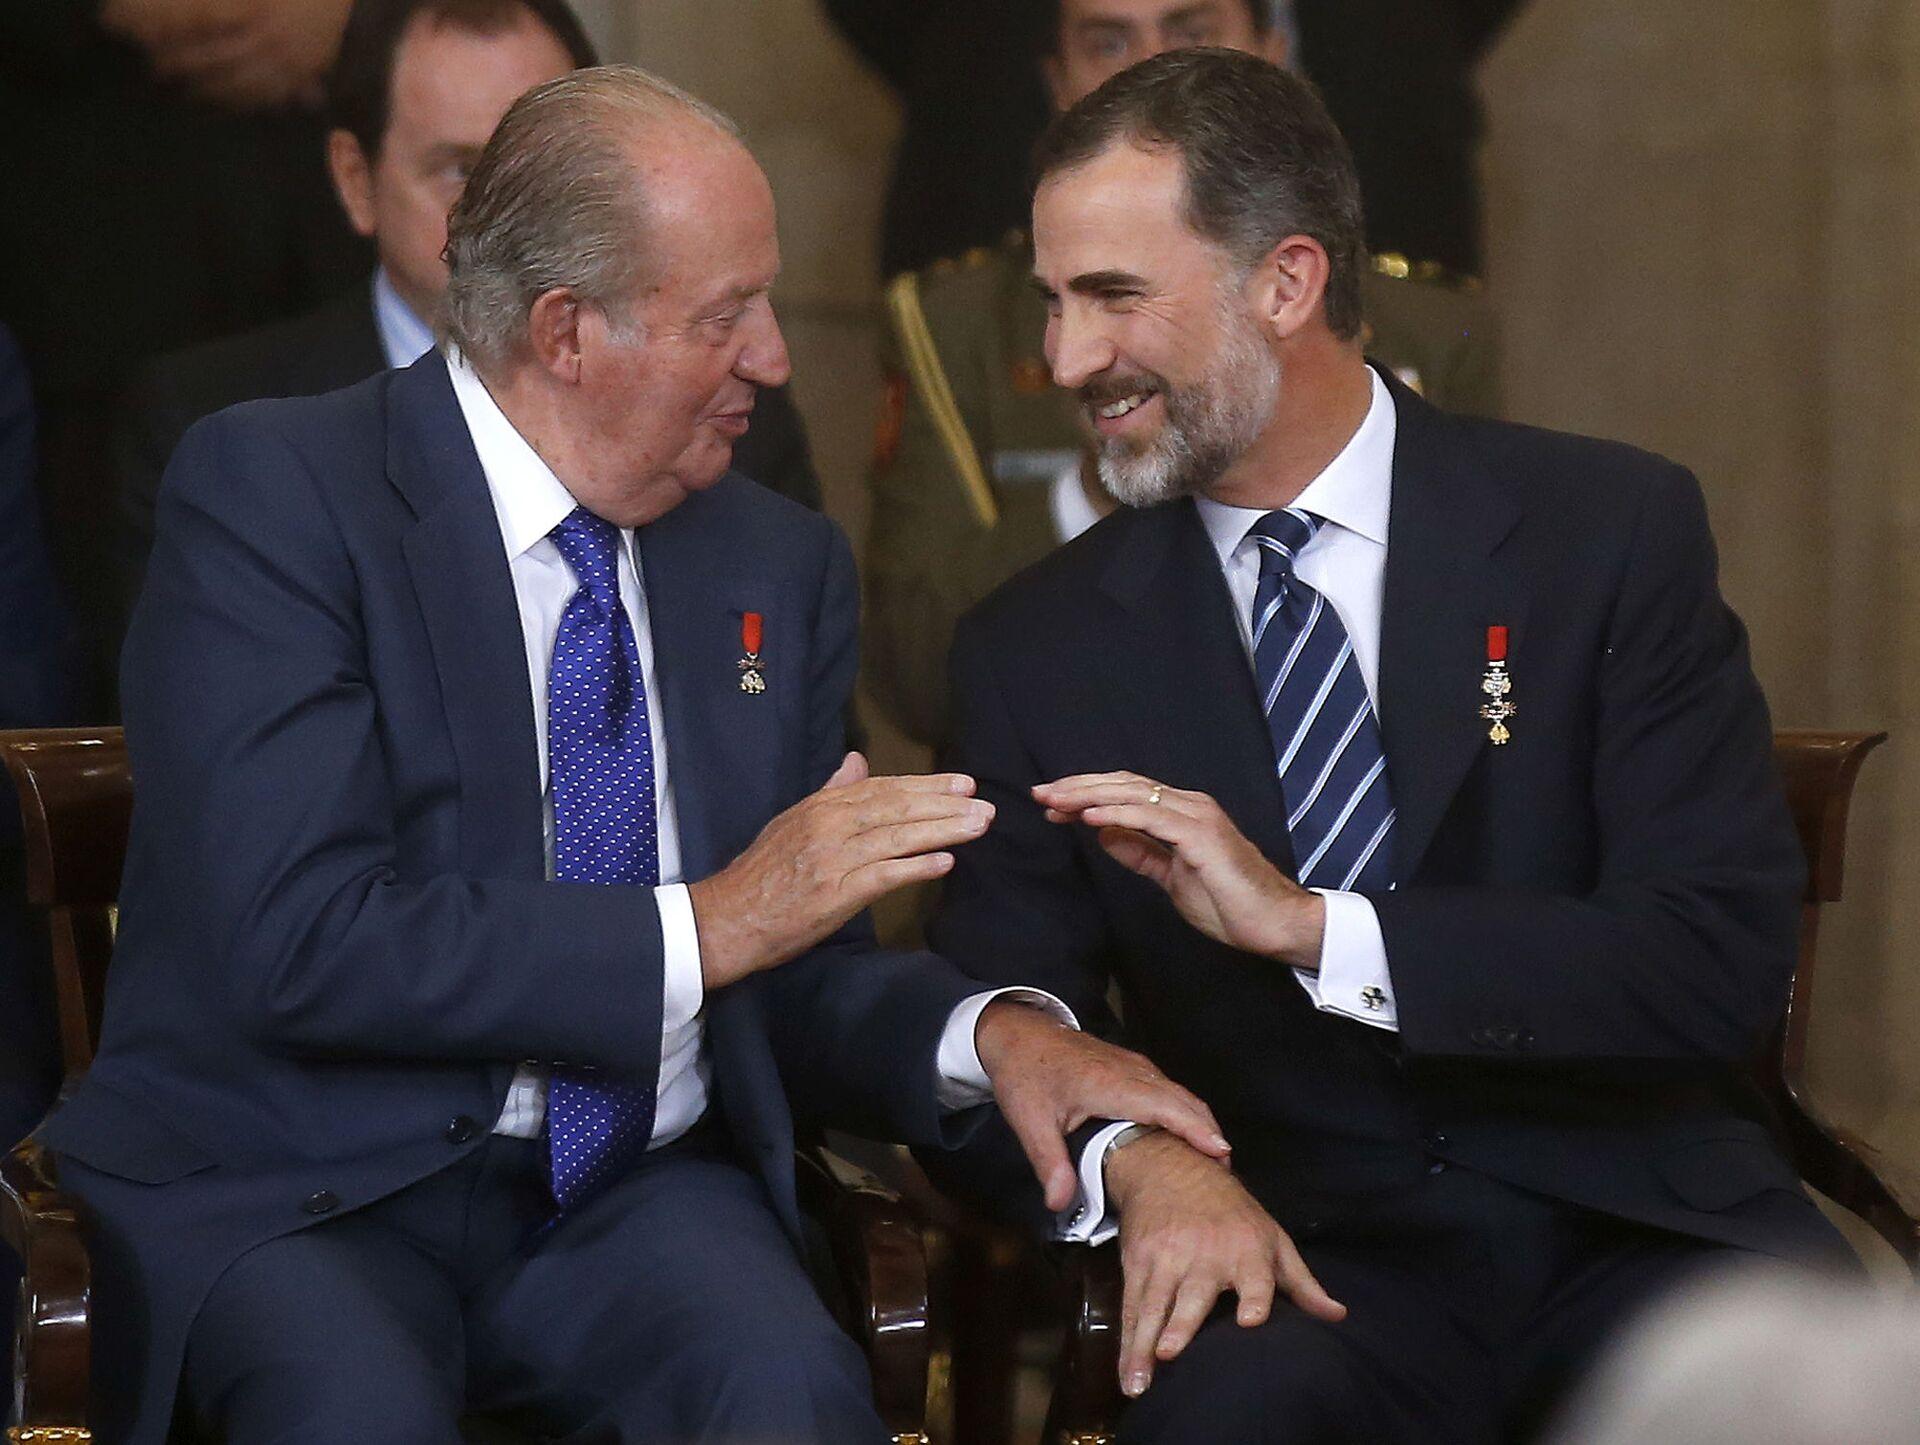 Spagna, il Re emerito Juan Carlos paga altri 4 milioni di euro al fisco - Sputnik Italia, 1920, 26.02.2021